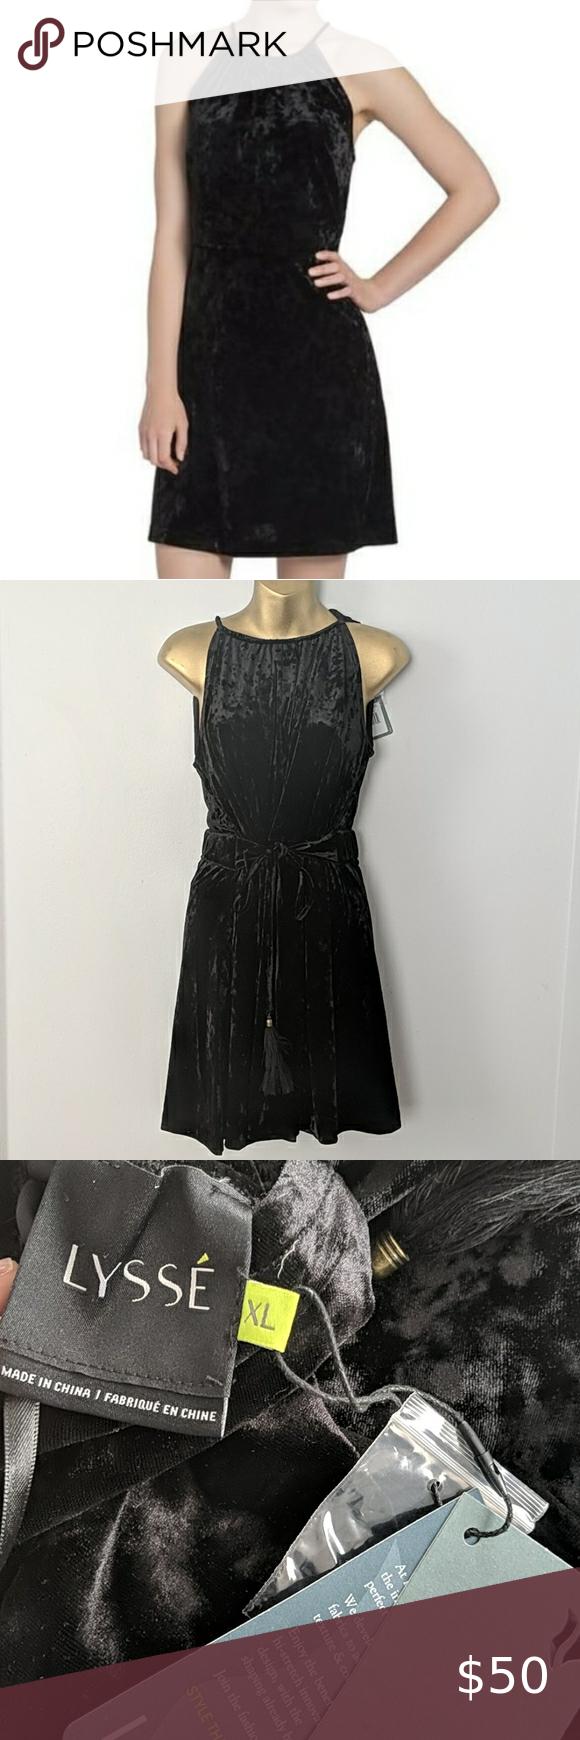 Lysse Velvet Black Dress Size Xl New In 2020 Black Velvet Dress Dresses Black Dress [ 1740 x 580 Pixel ]